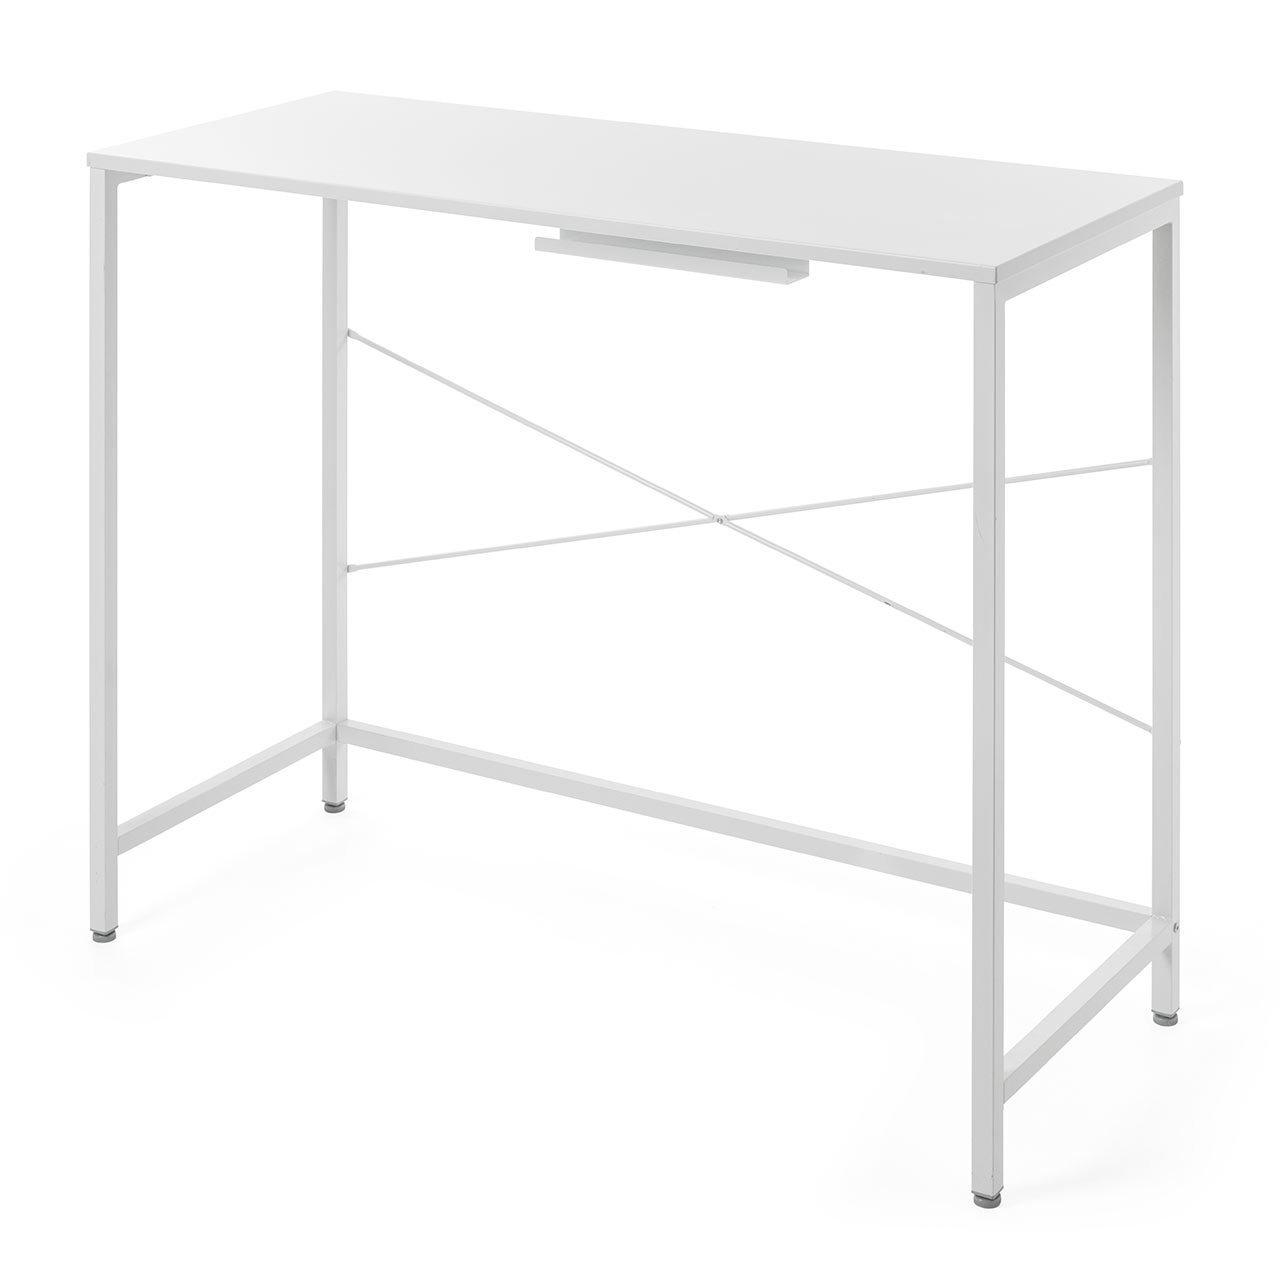 イーサプライ スタンディングデスク スタンディングテーブル ミーティングテーブル オフィスワークテーブル 高さ100cm 幅120cm 立ち作業 EZ1-DESKF010 B06X9S3ZMN Parent